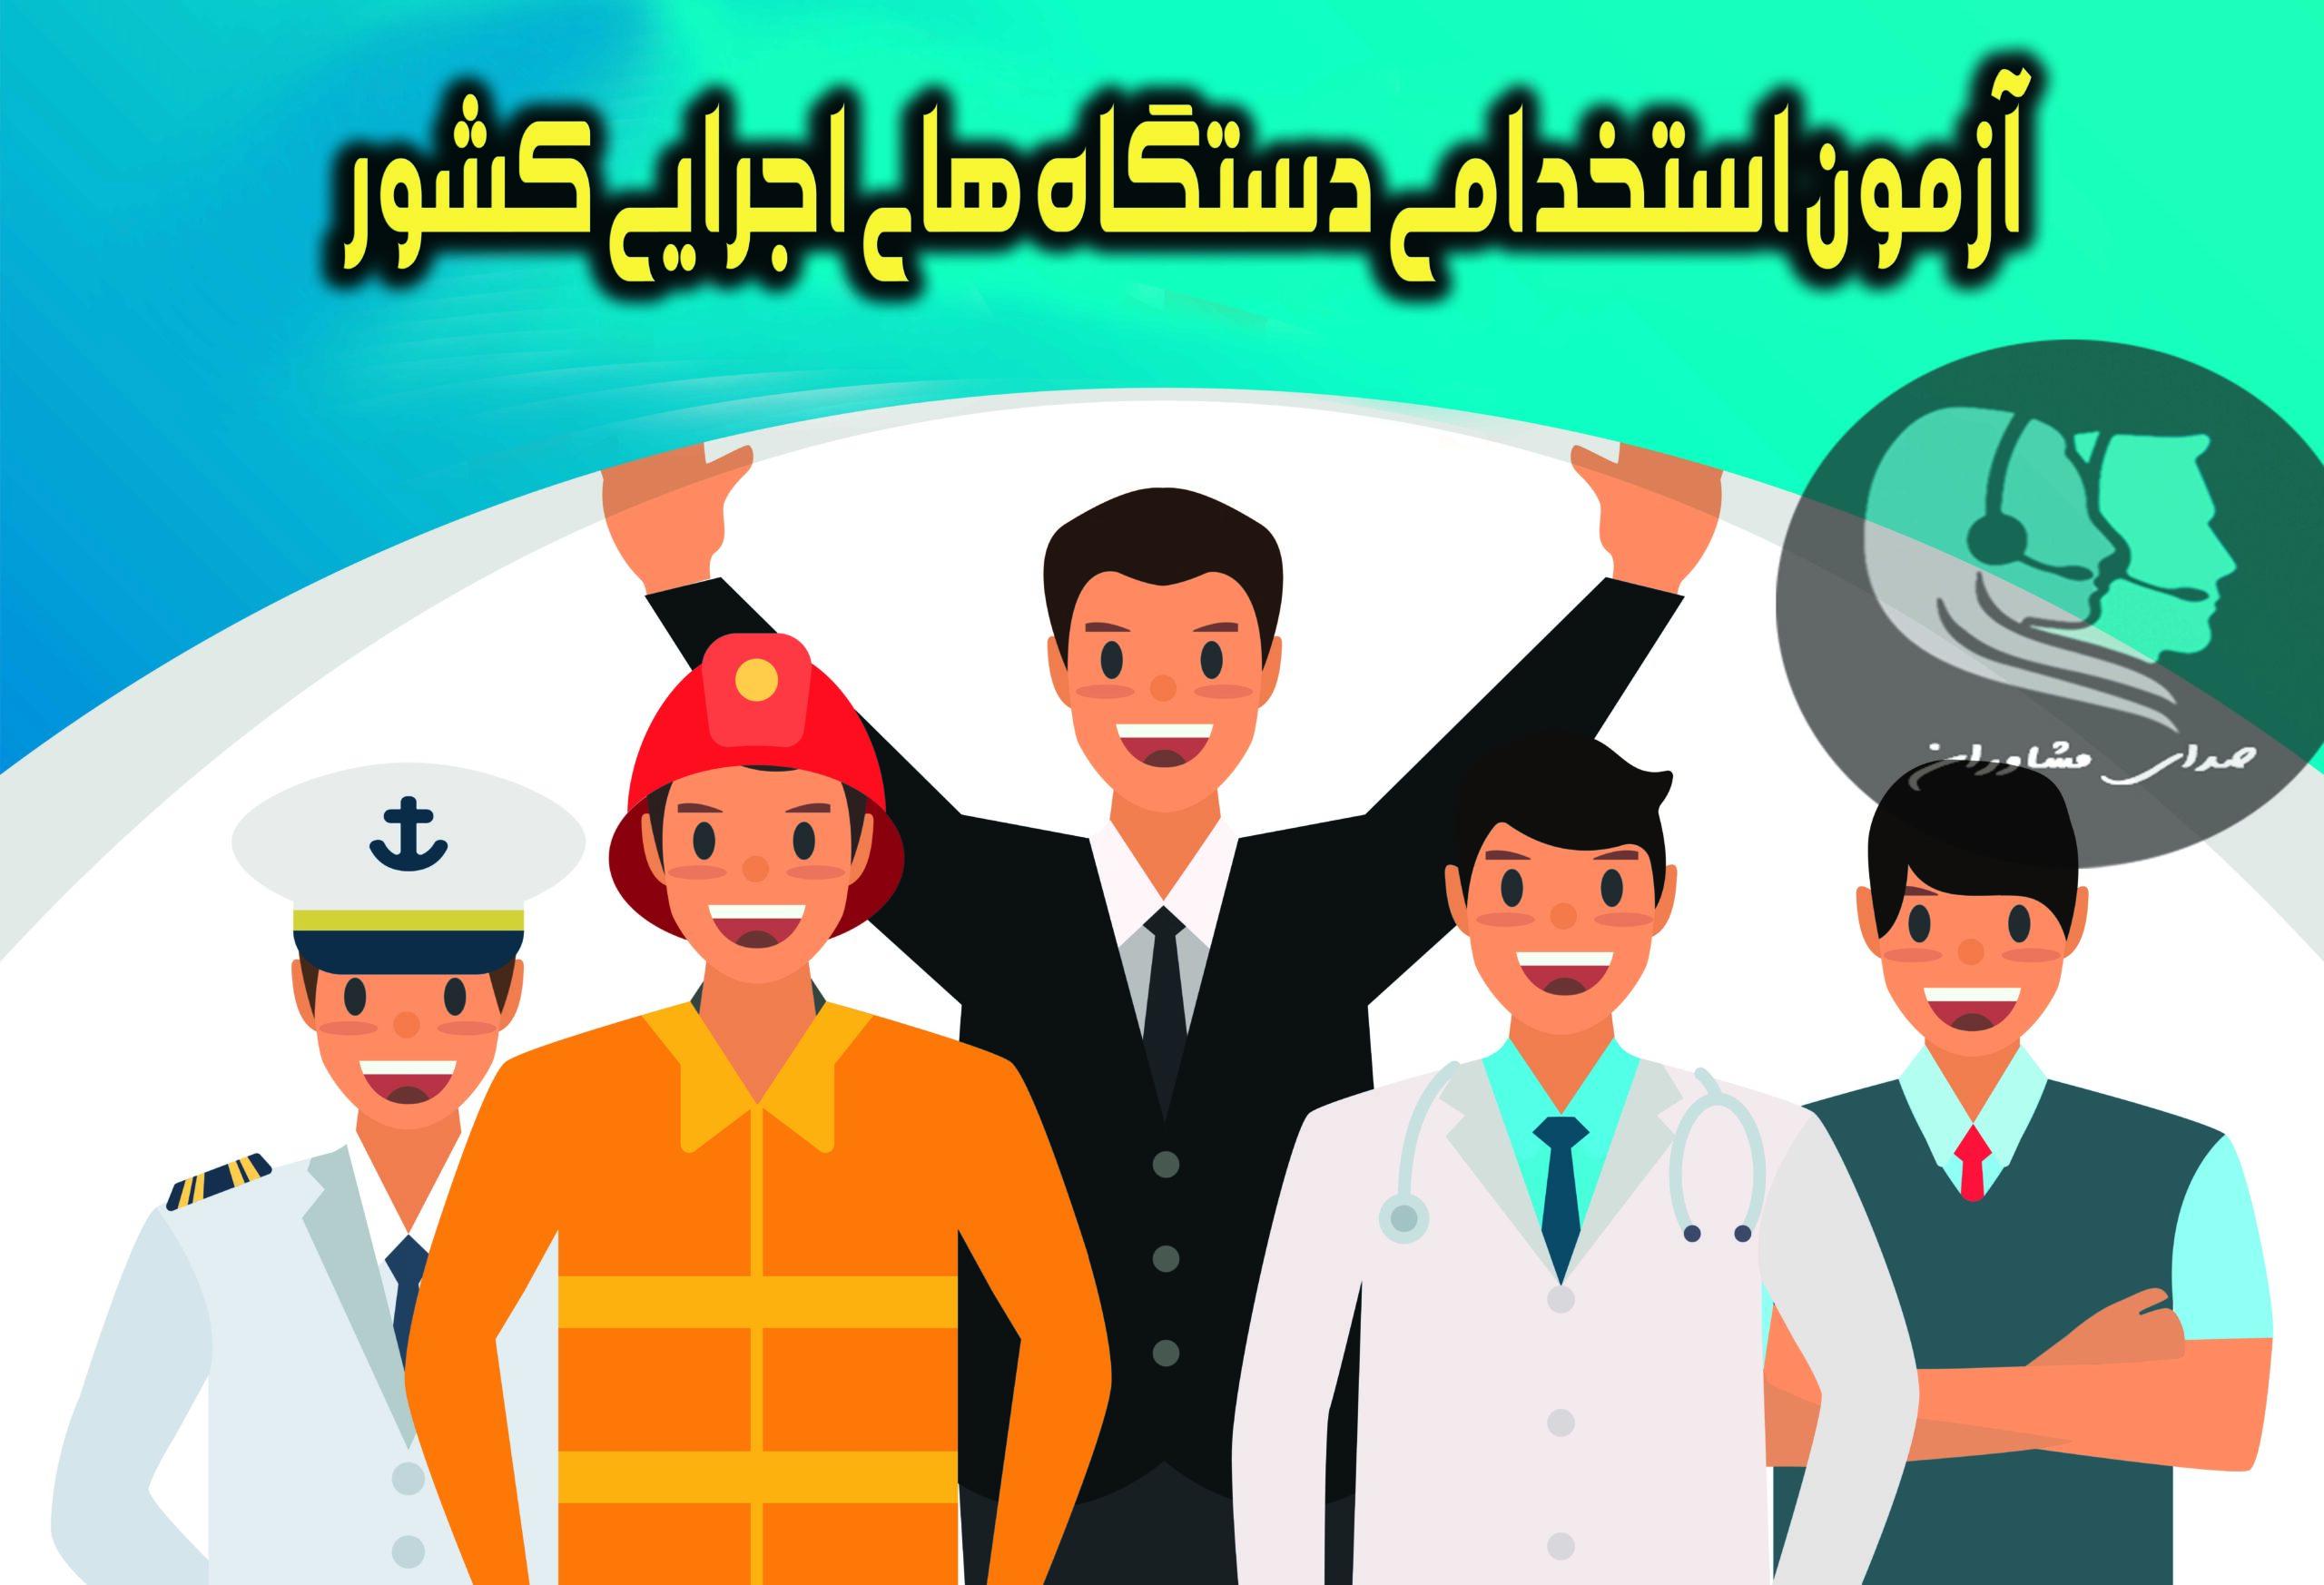 زمان برگزاری آزمون استخدامی دستگاه های اجرایی کشور ۹۹